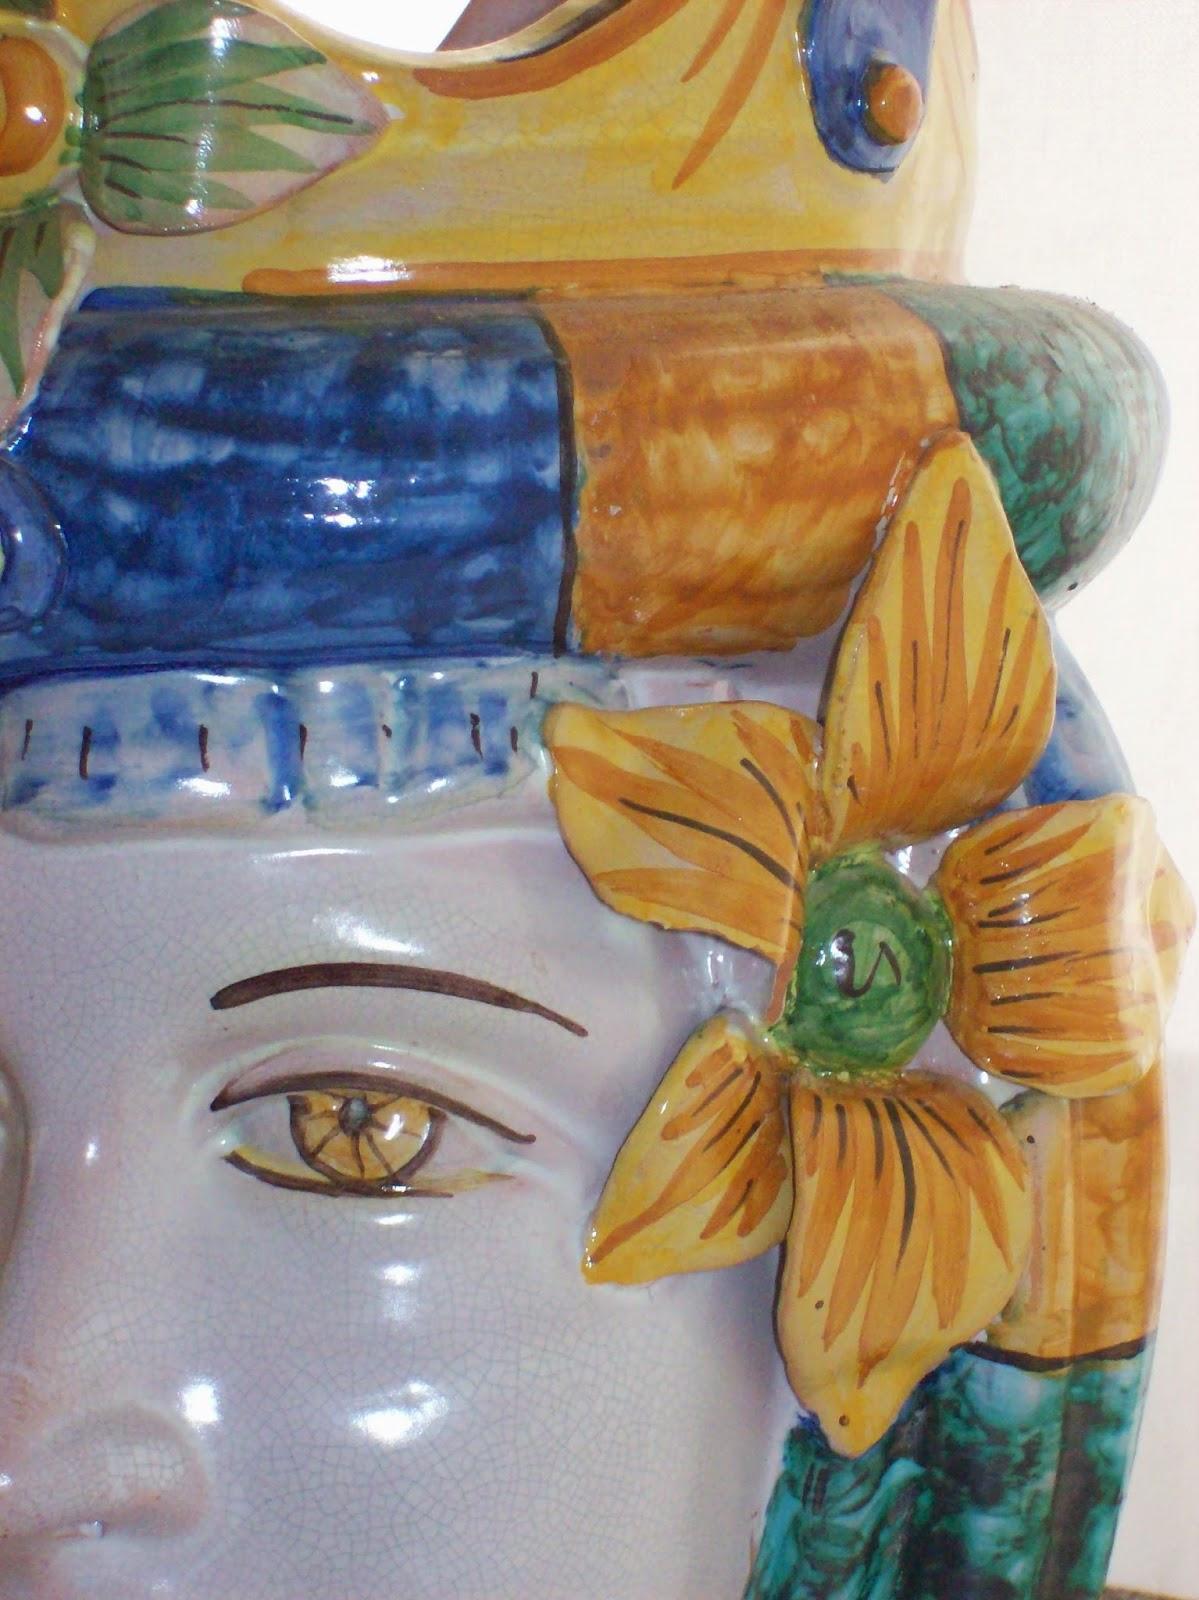 Oggetti Ceramica Di Caltagirone.Wunderkammer Teste Come Vasi E La Ceramica Di Caltagirone